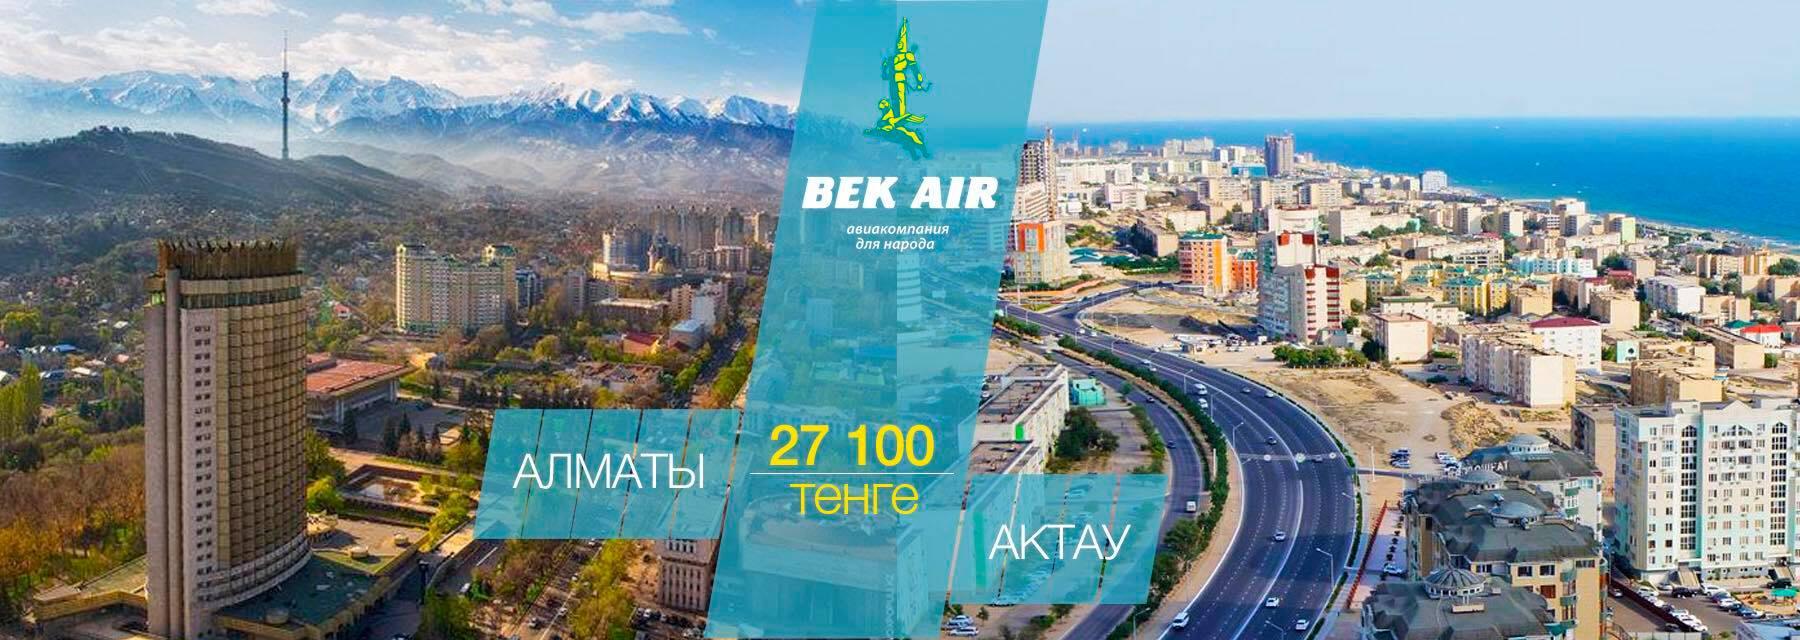 Из Алматы в Актау от BEK AIR.jpg